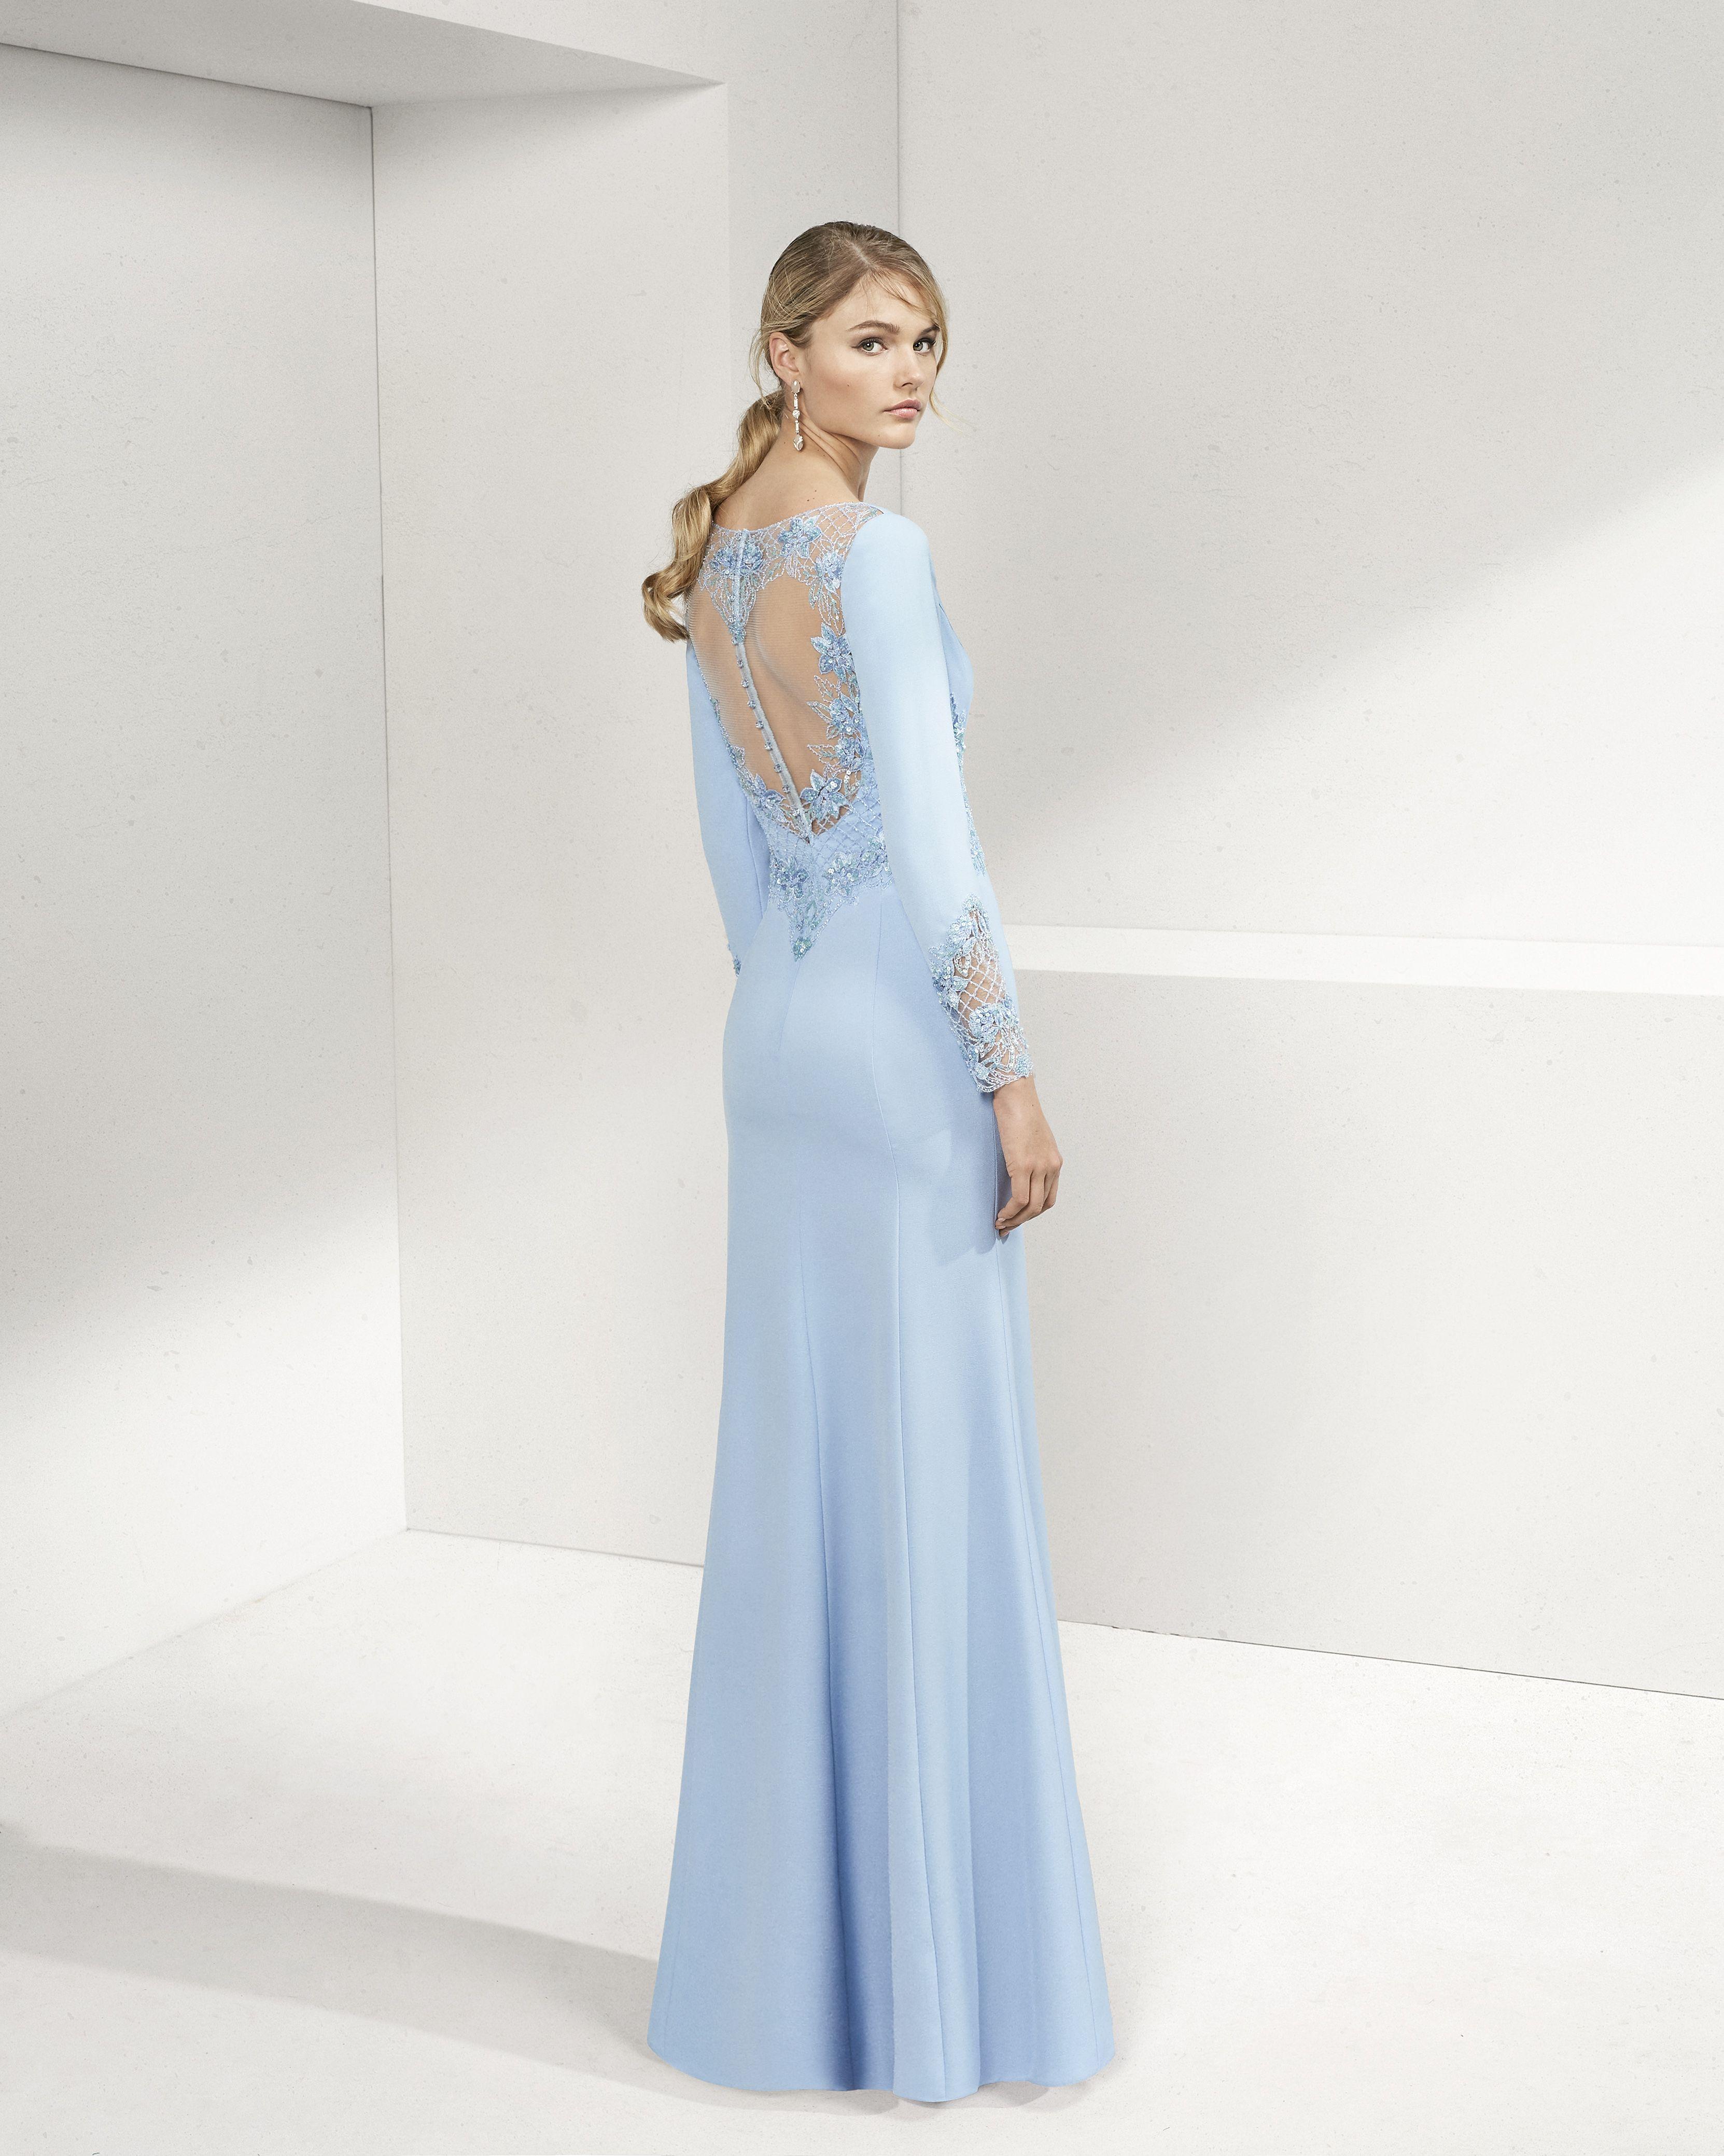 4b98a4432b4 Beaded crepe cocktail dress. V-neckline and long sleeves. 2019 ROSA CLARA  COCKTAIL Collection — Vestido de fiesta de crepe y pedrería.